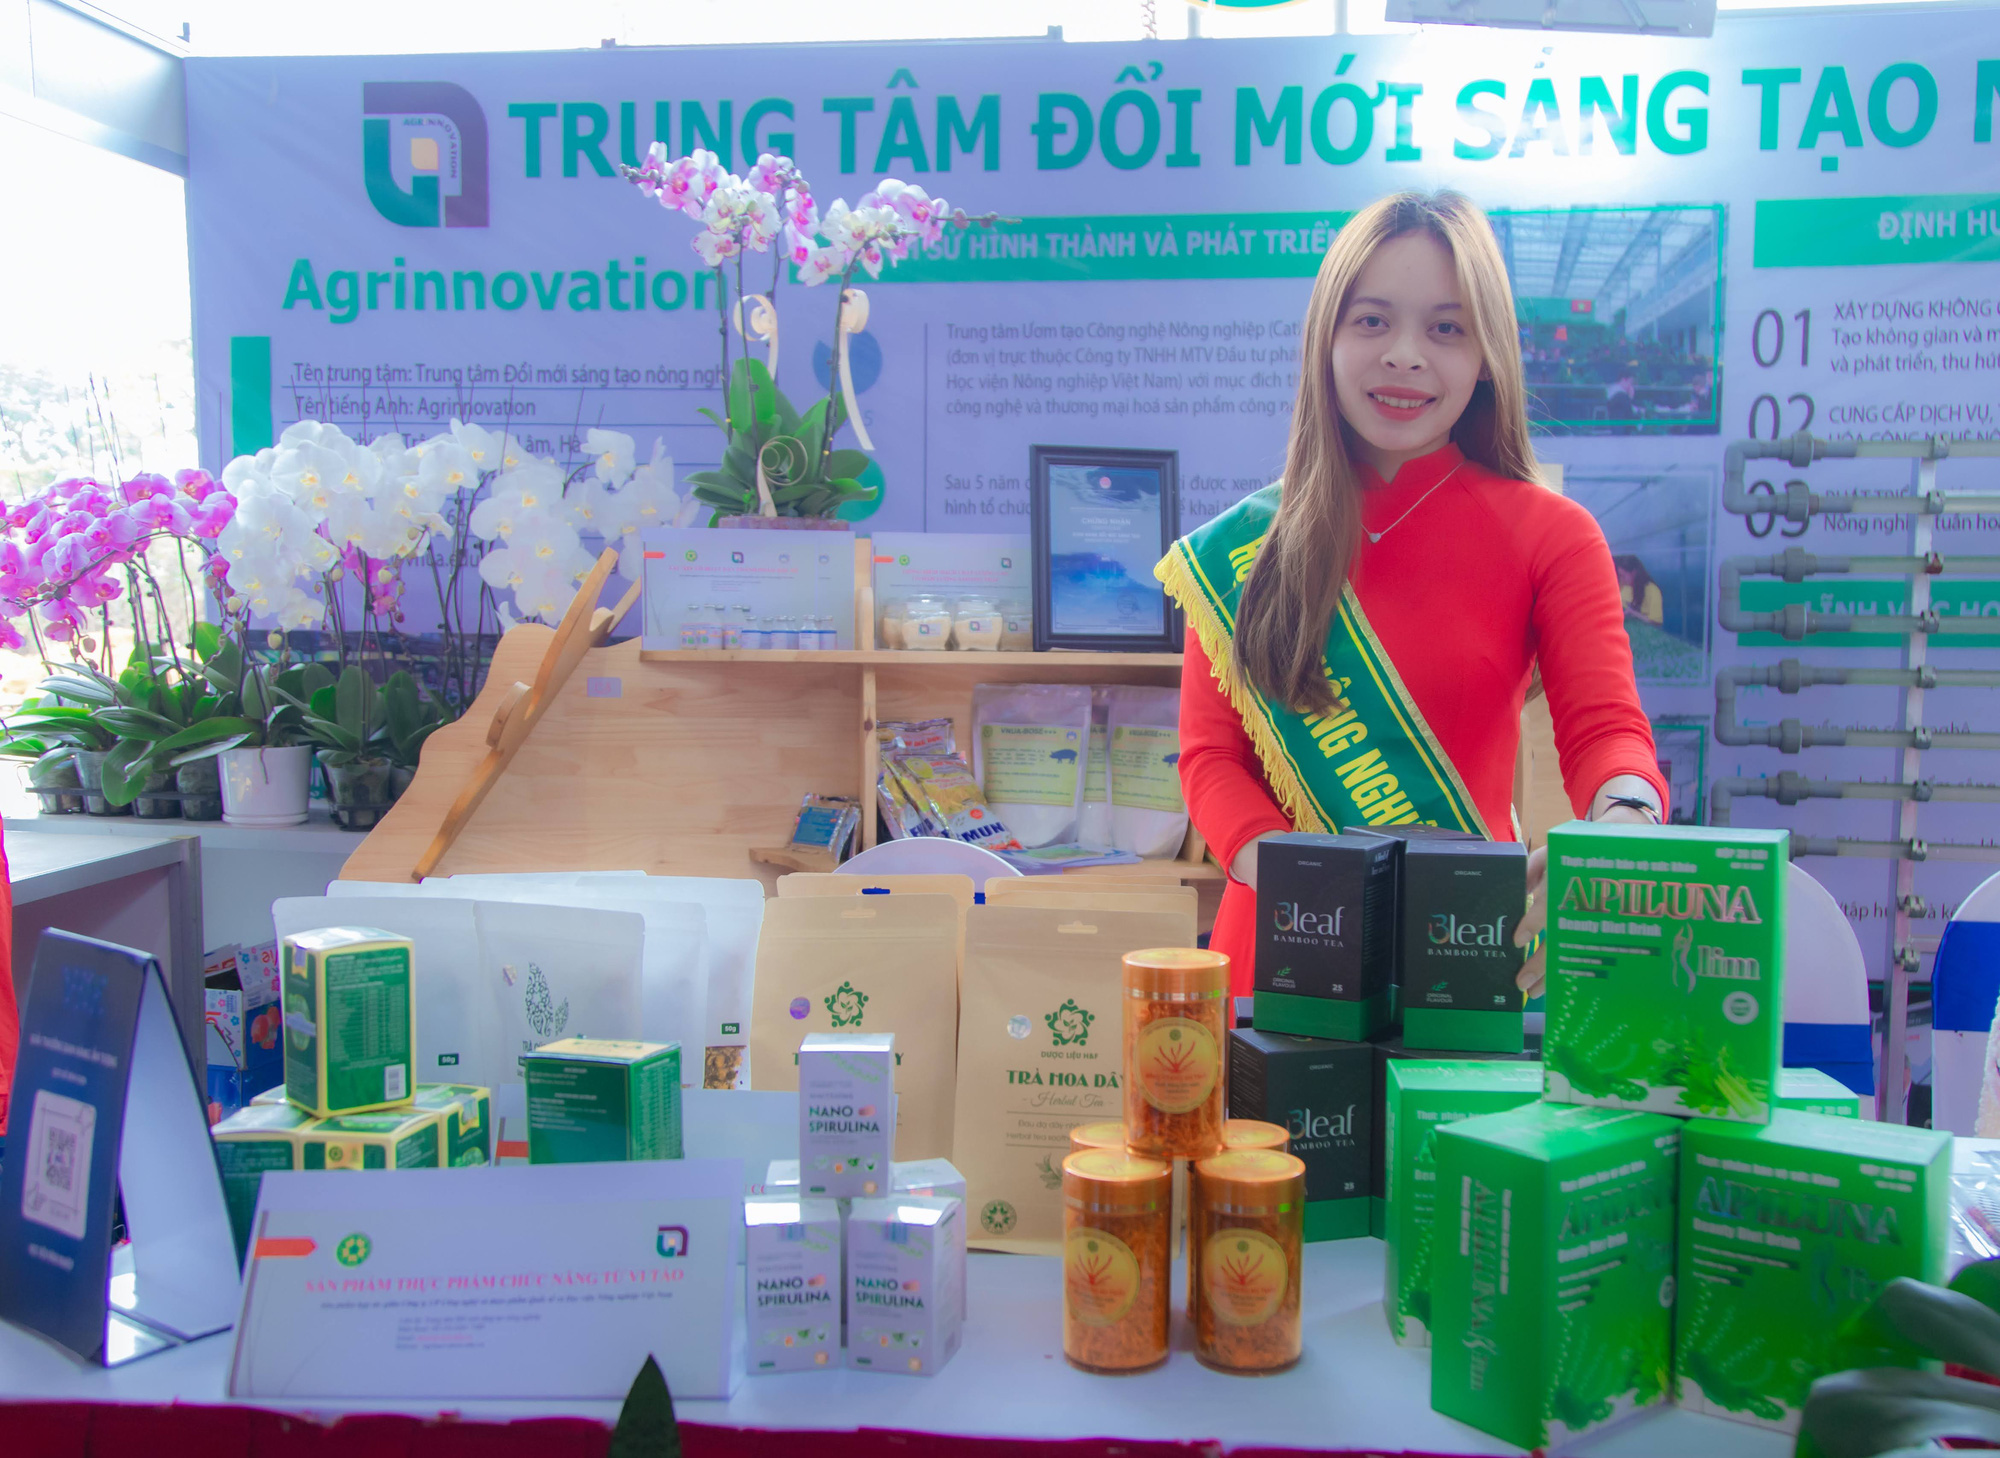 Giám đốc Học viện Nông nghiệp Việt Nam nói gì về cơ hội khởi nghiệp của sinh viên? - Ảnh 2.